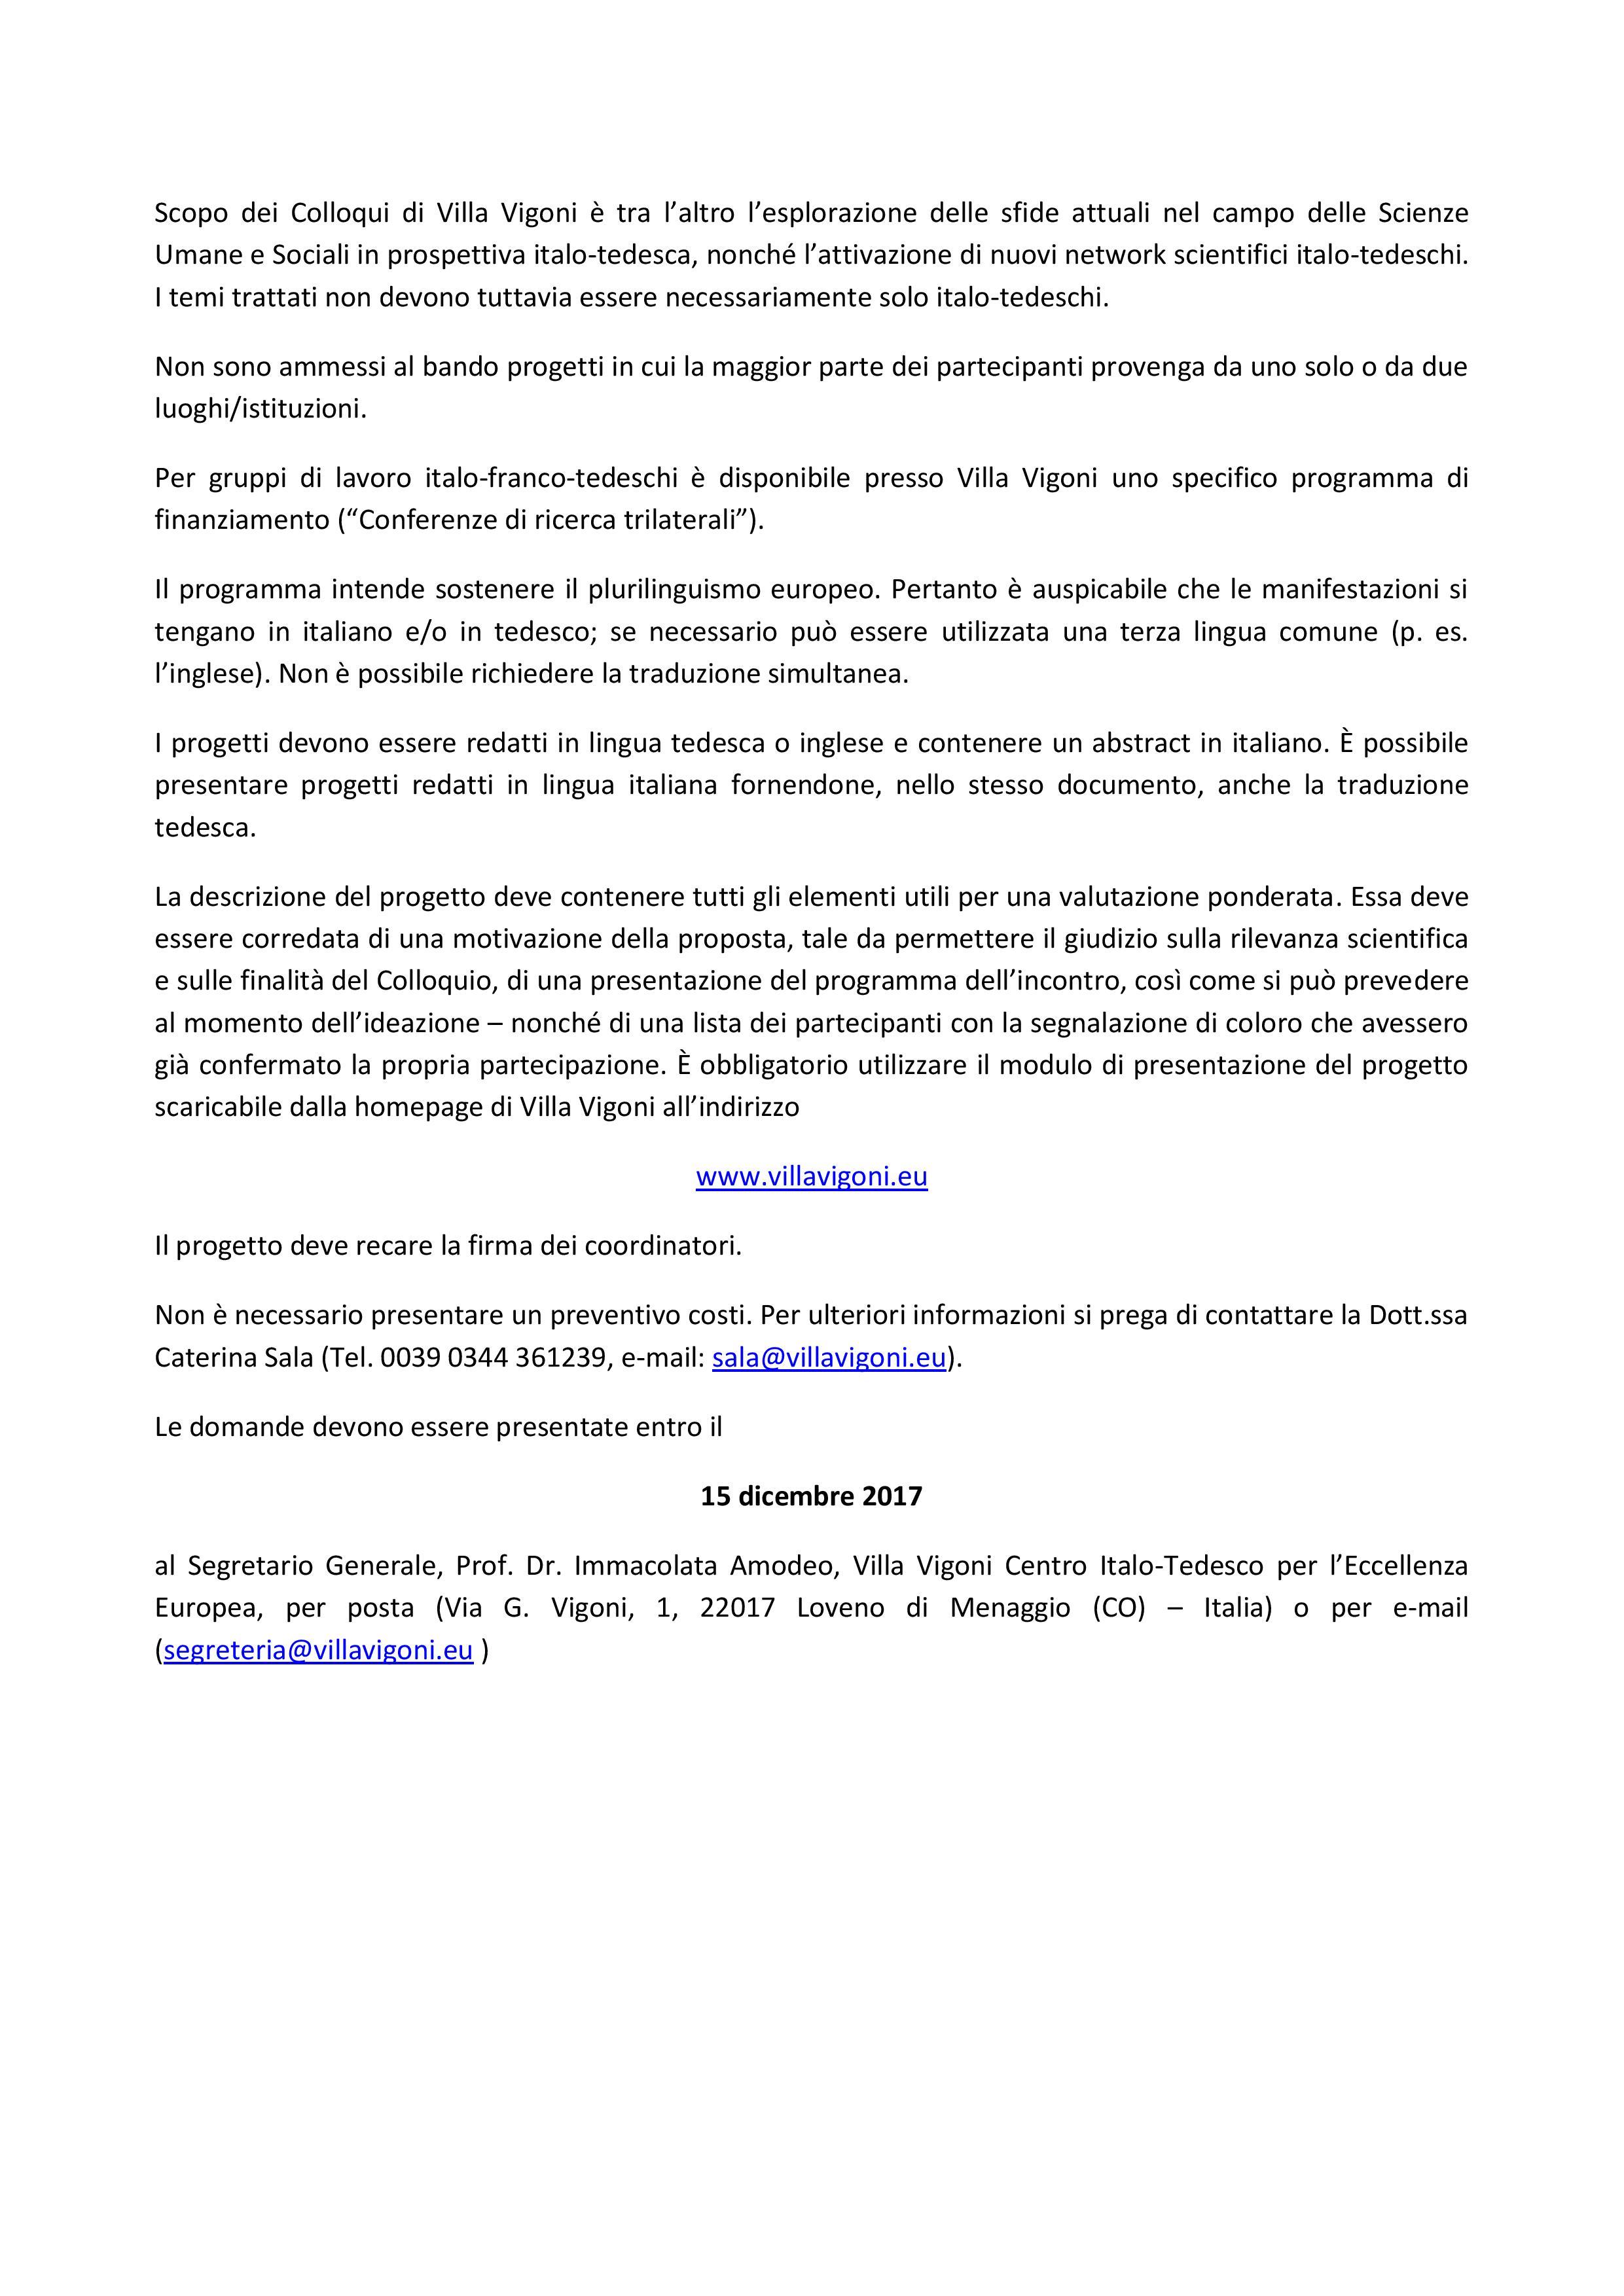 Cooperazione Italo-Tedesca_2019_BANDO-page-002